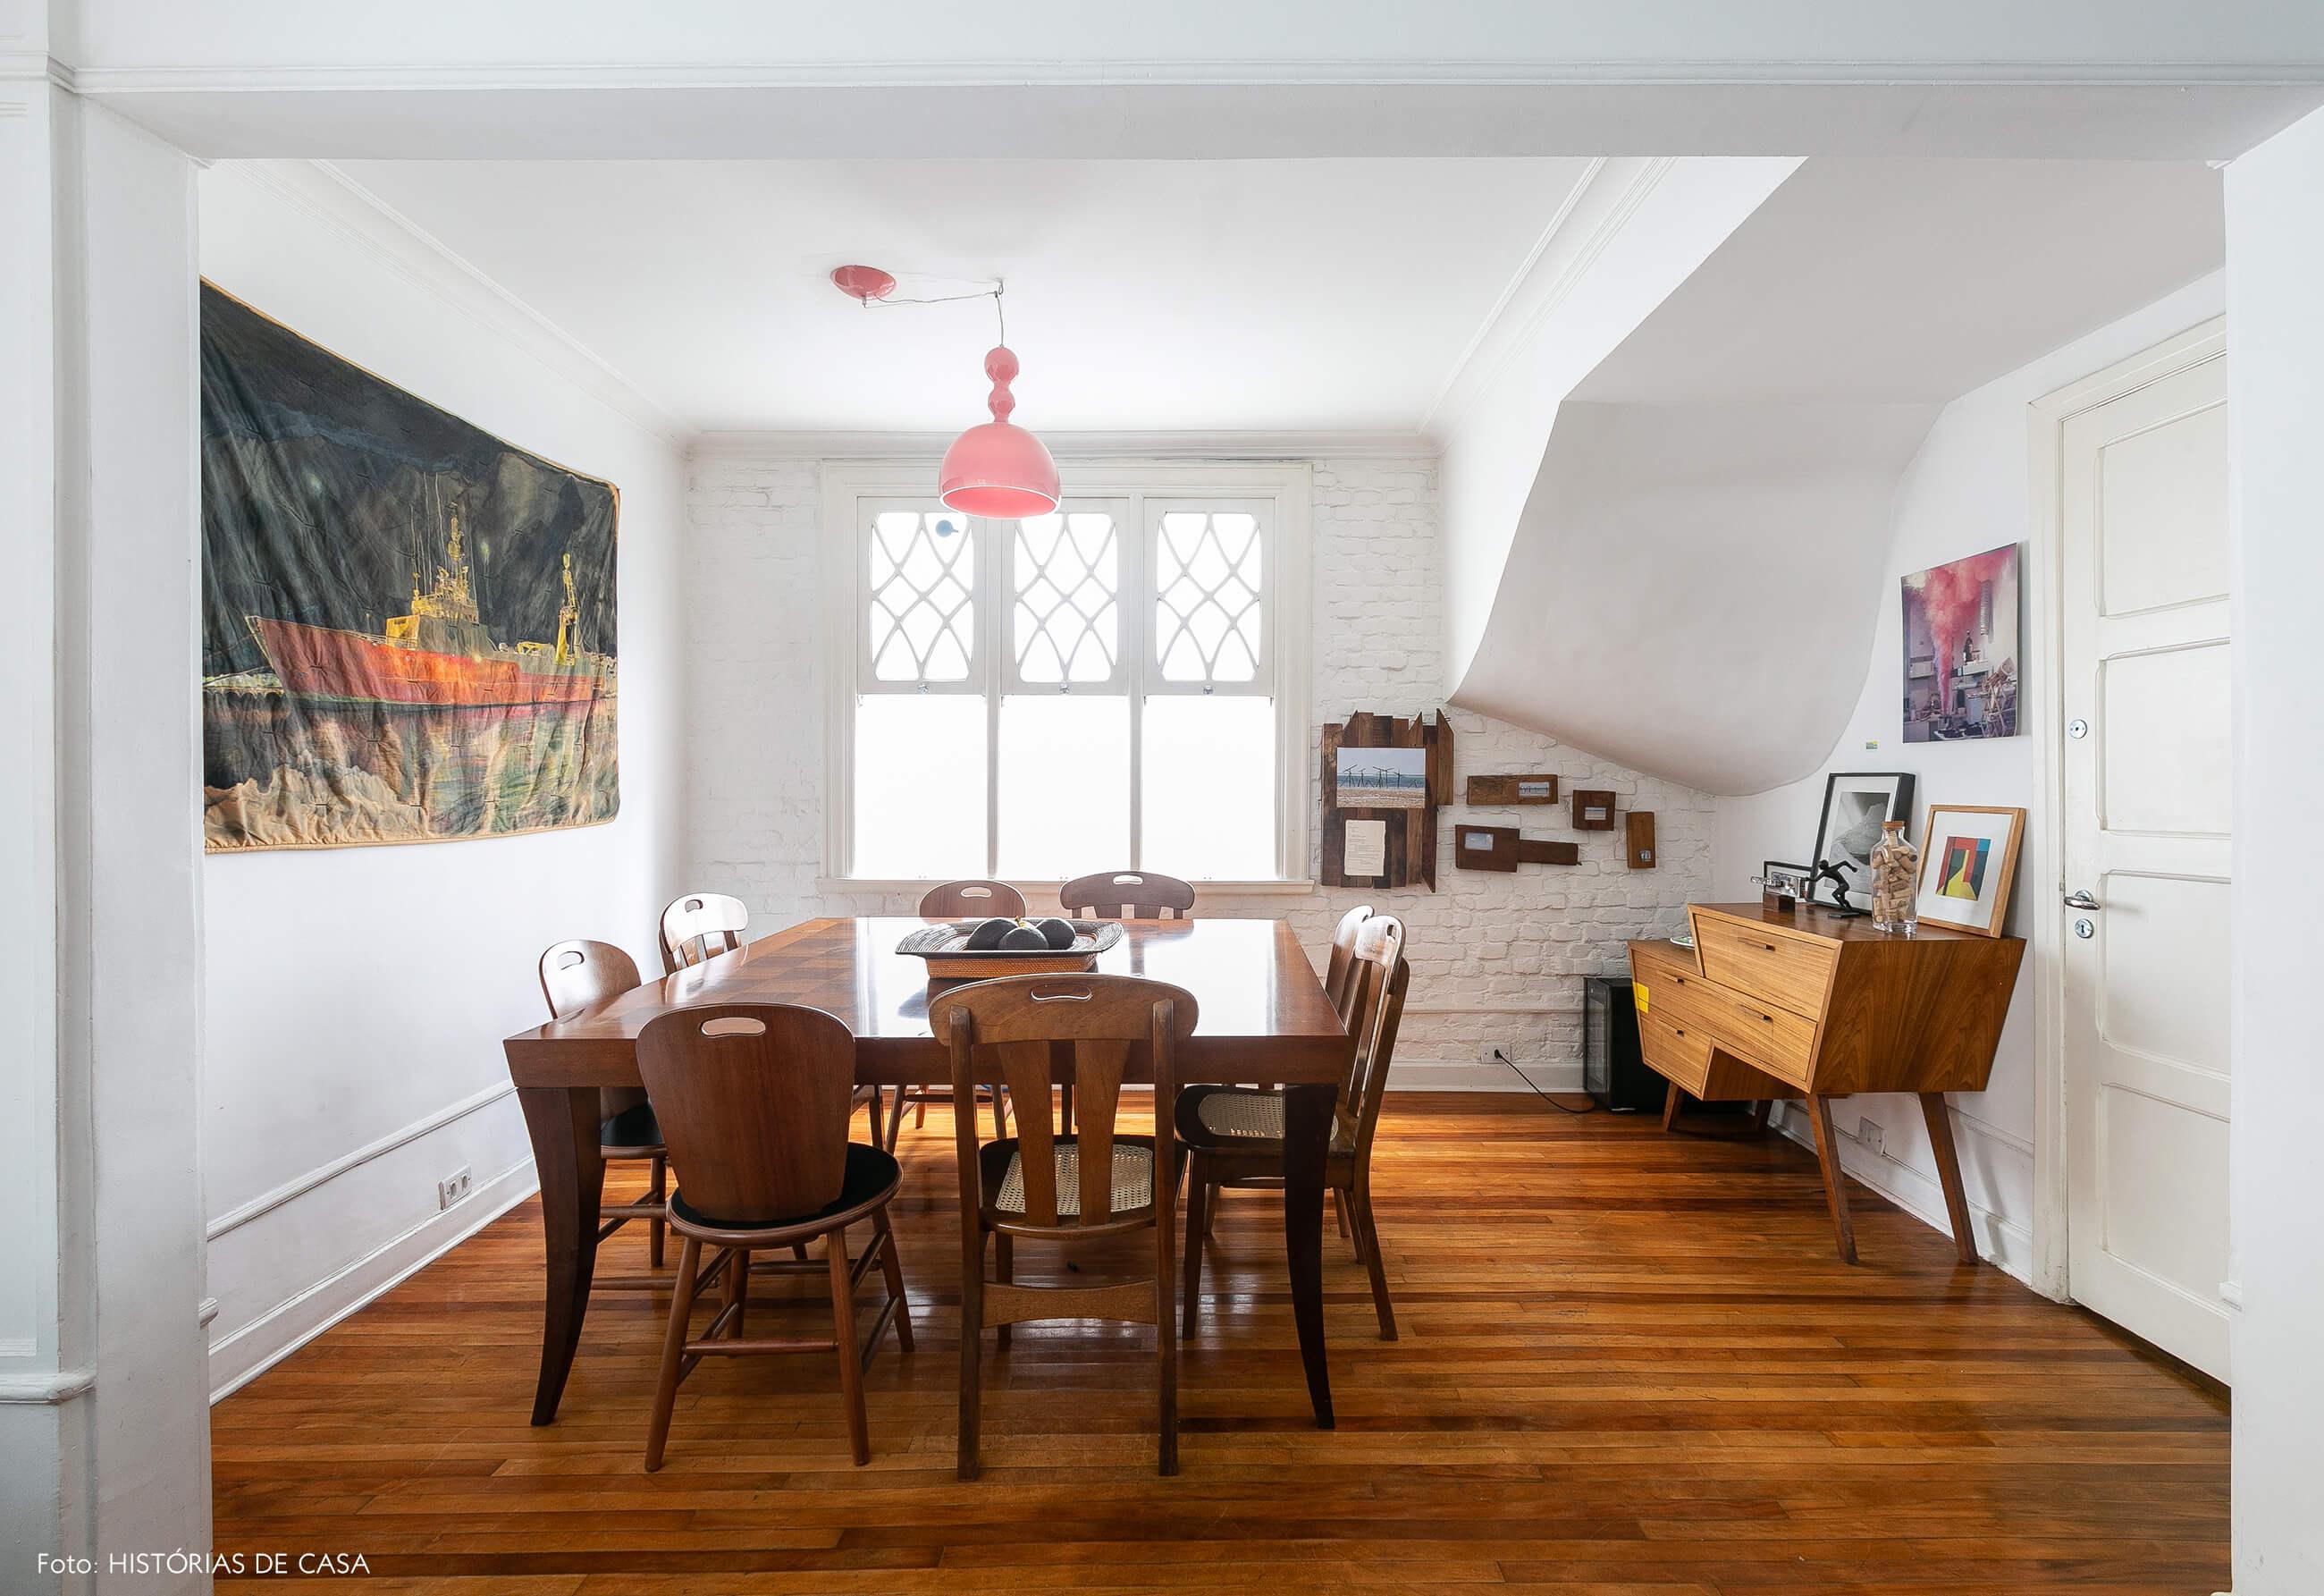 Sala de jantar com móveis de madeira e pendente rosa